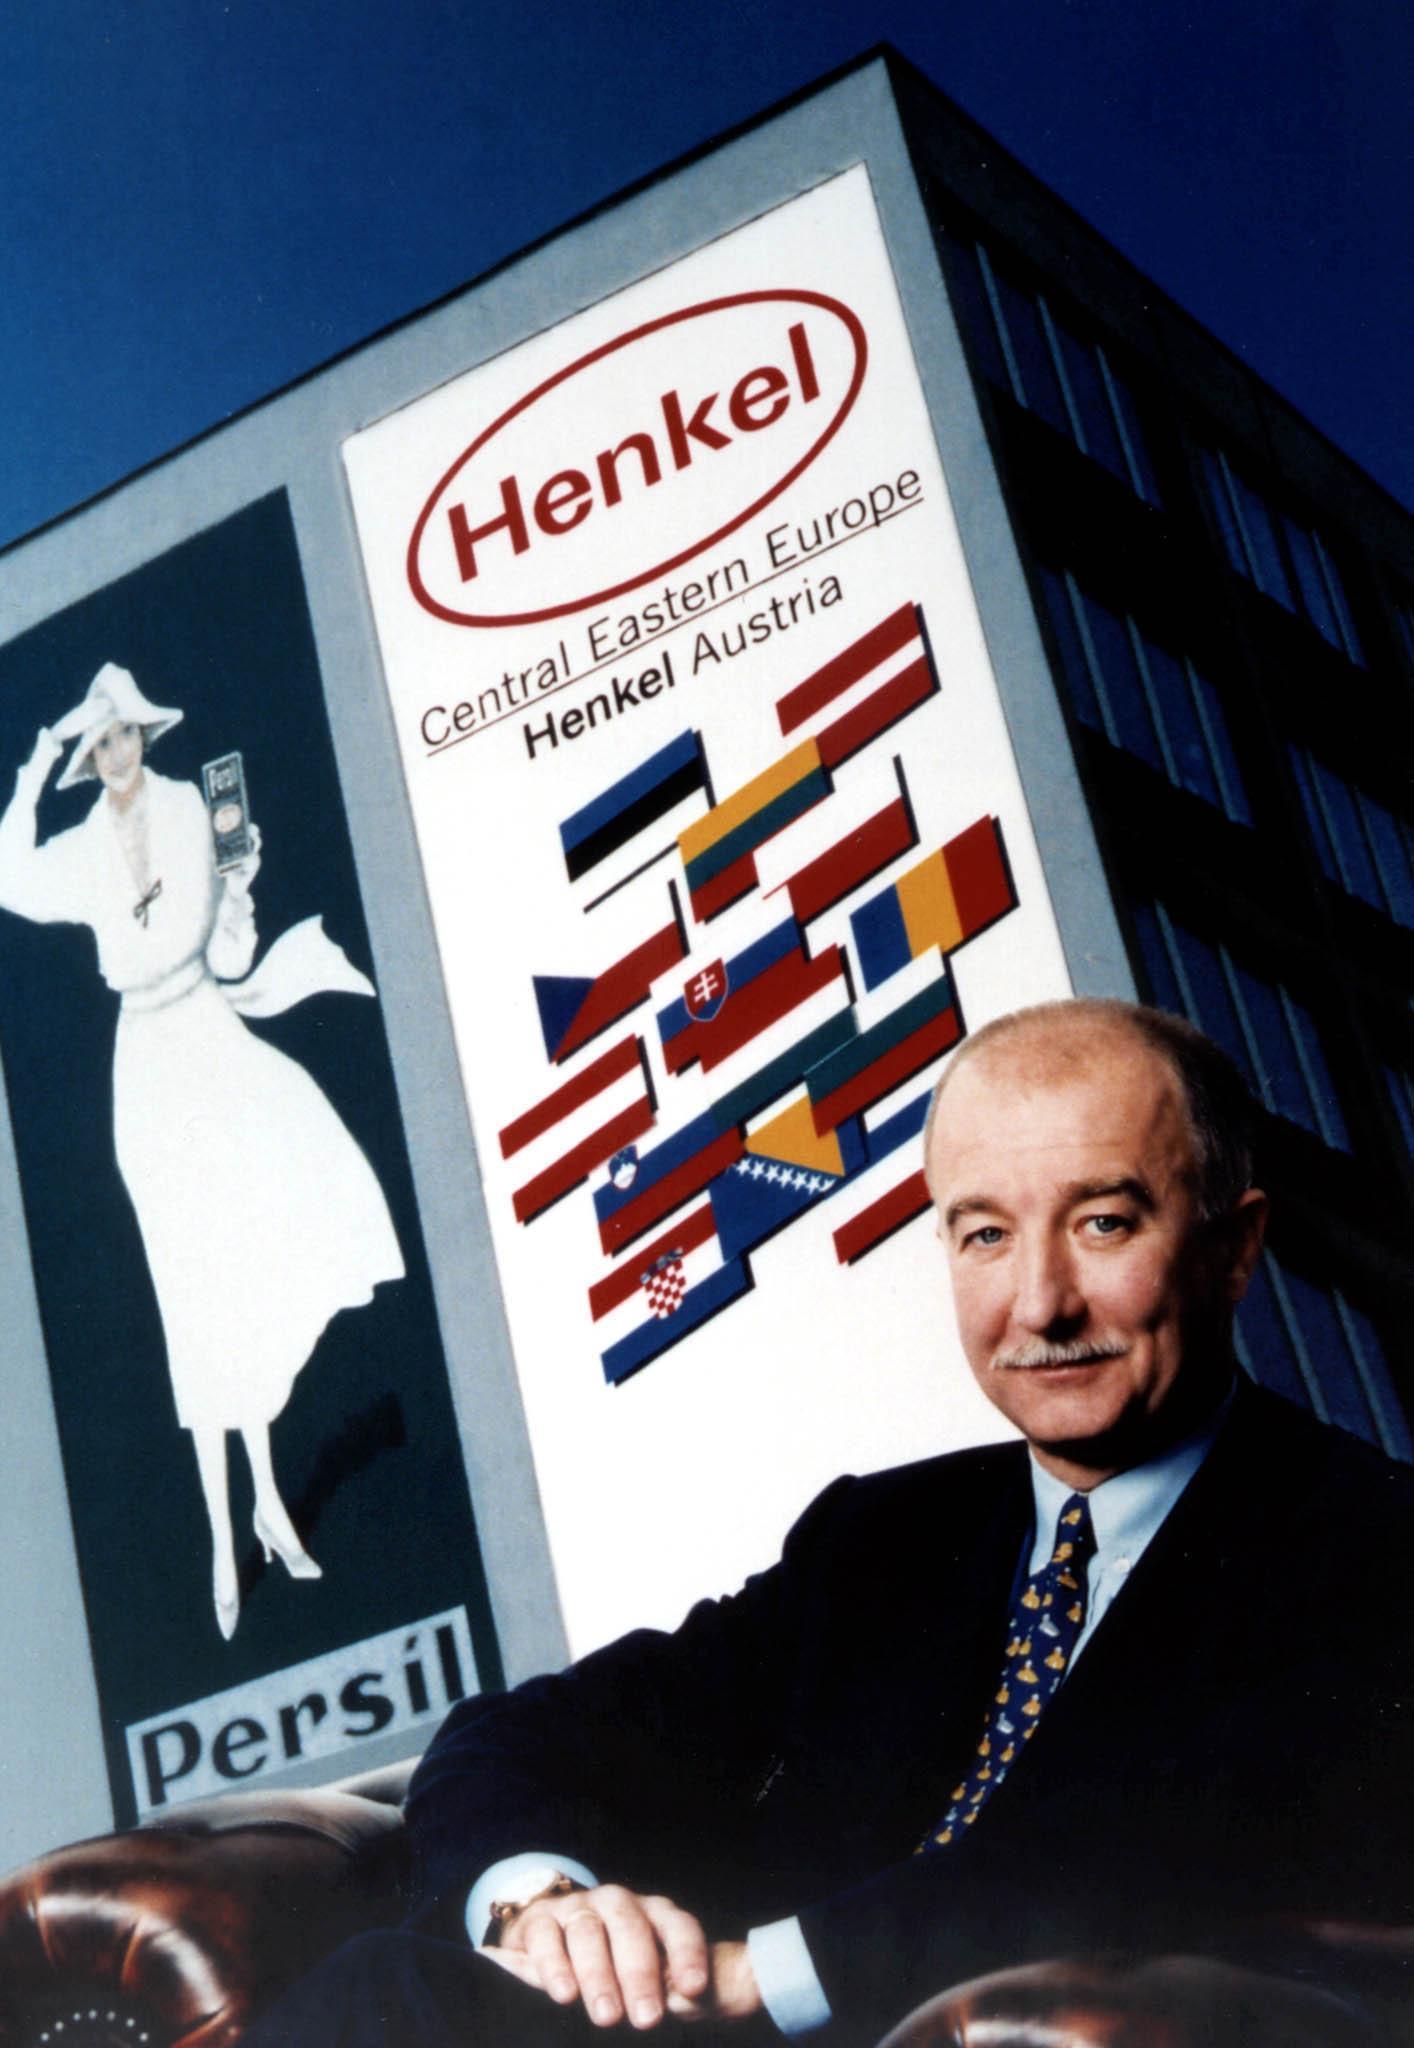 -ZU OTS228-Die Henkel Eastern Europe (CEE),Wien, wird ihren Umsatz 1998 voraussichtlich um 23 Prozent auf 8,5 Milliarden Schilling steigern.Im Bild Henkel President Friedrich Stara  OTS-Photo:Henkel